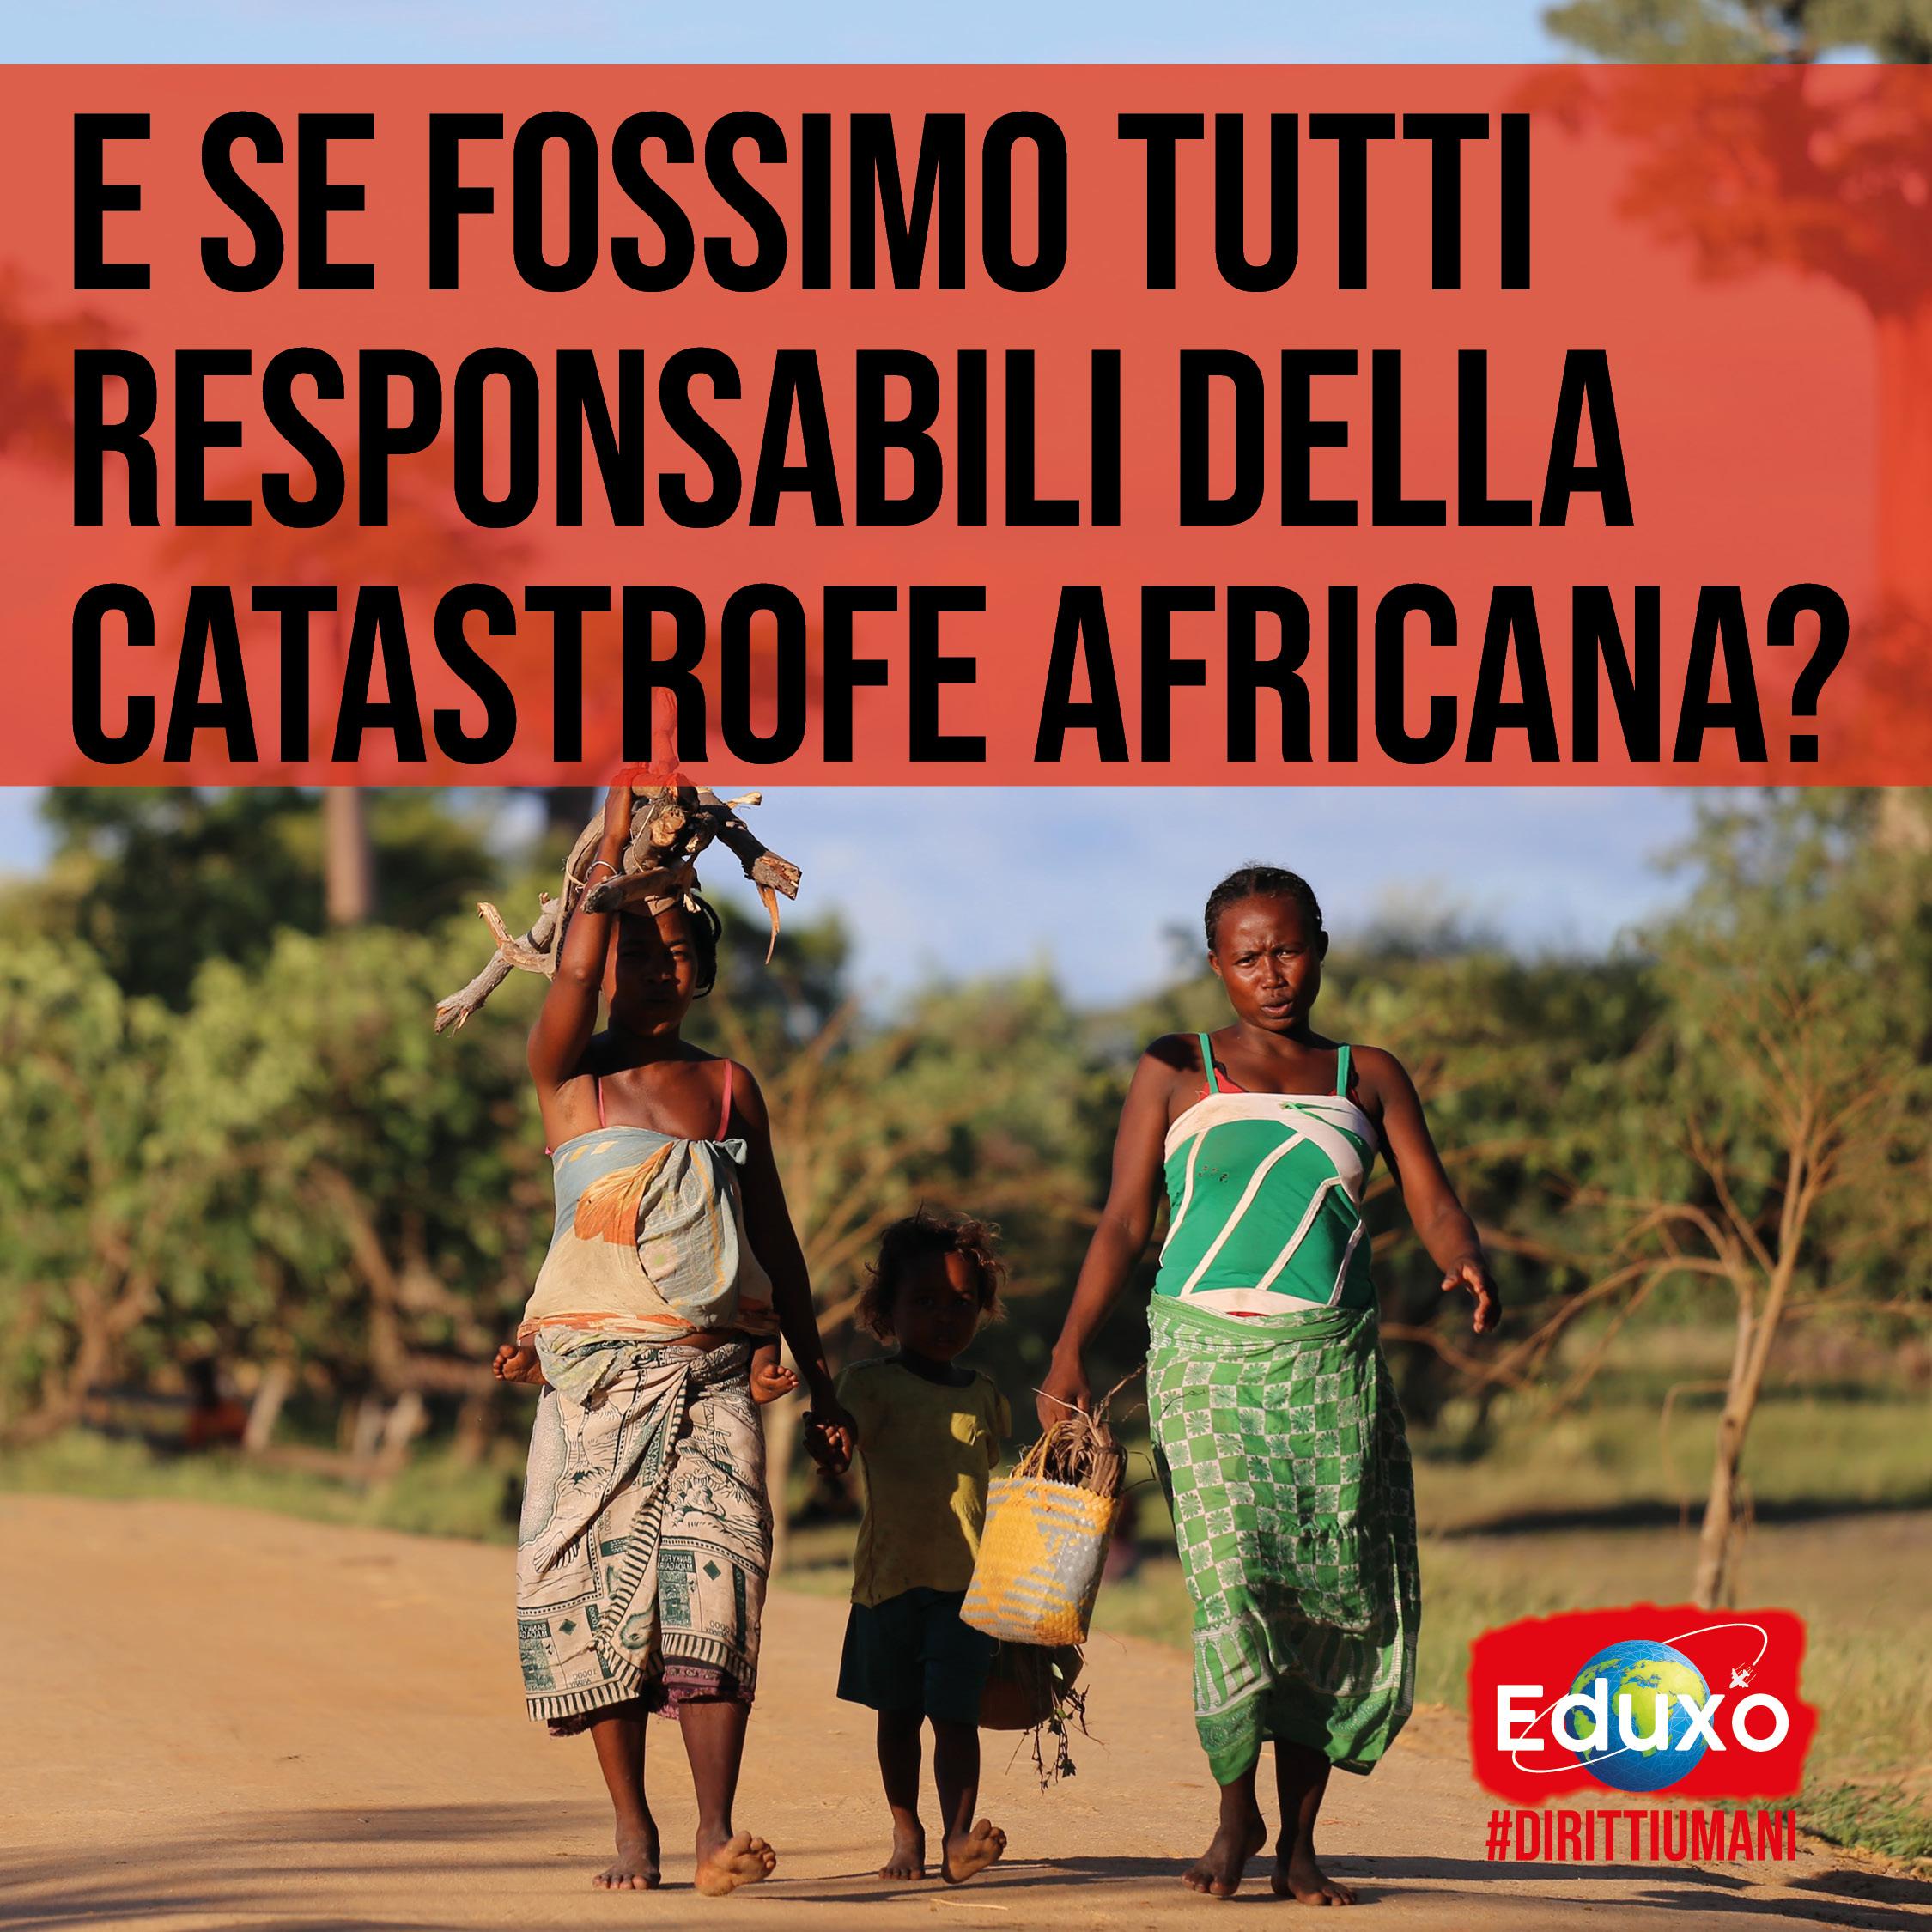 You are currently viewing E SE FOSSIMO TUTT* RESPONSABILI DELLA CATASTROFE AFRICANA?